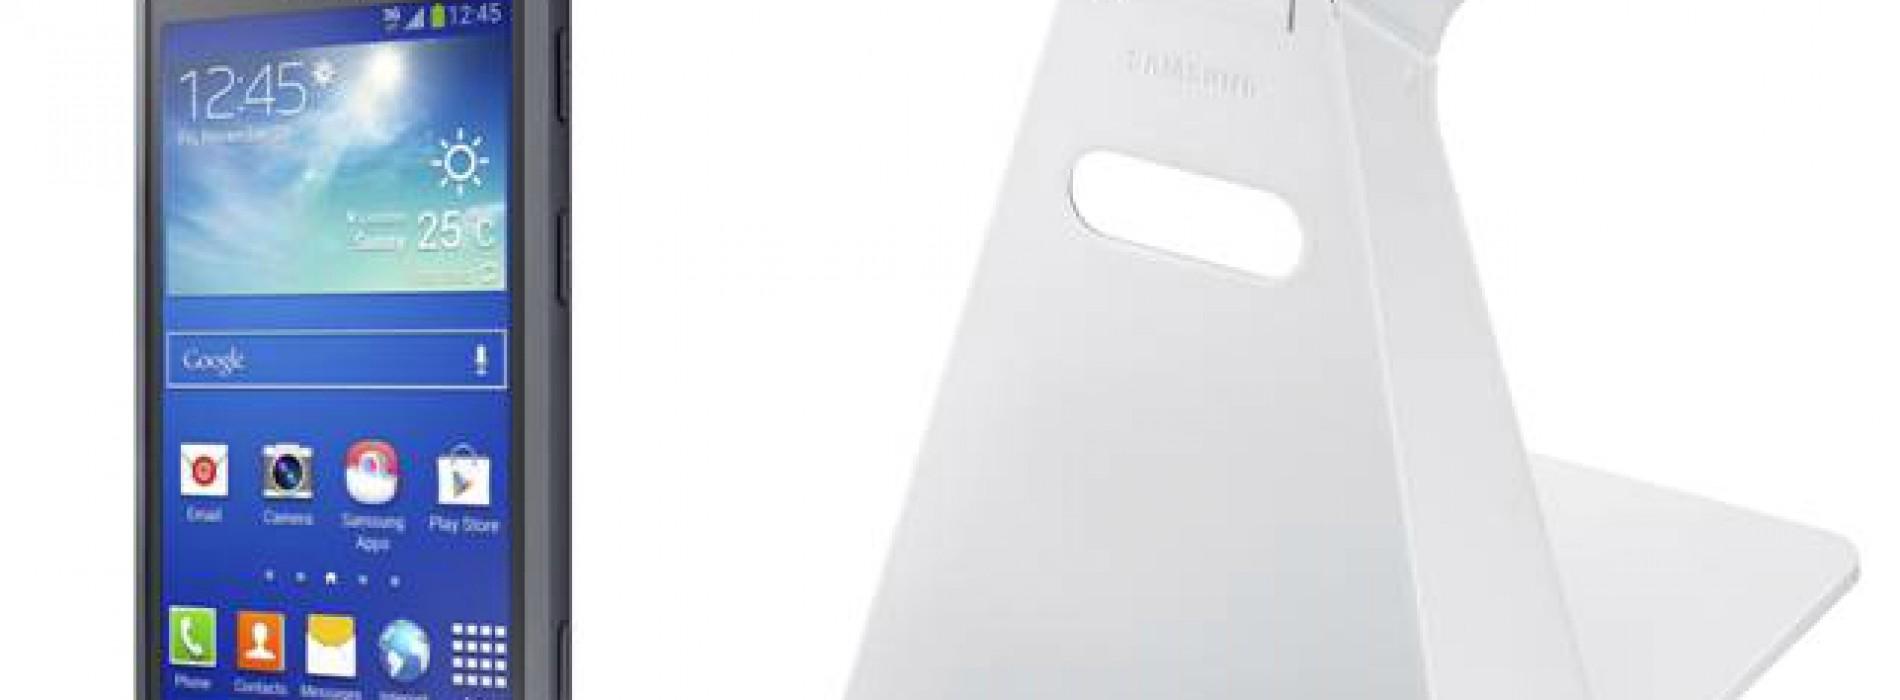 Galaxy Core Advance new accessibility accessories